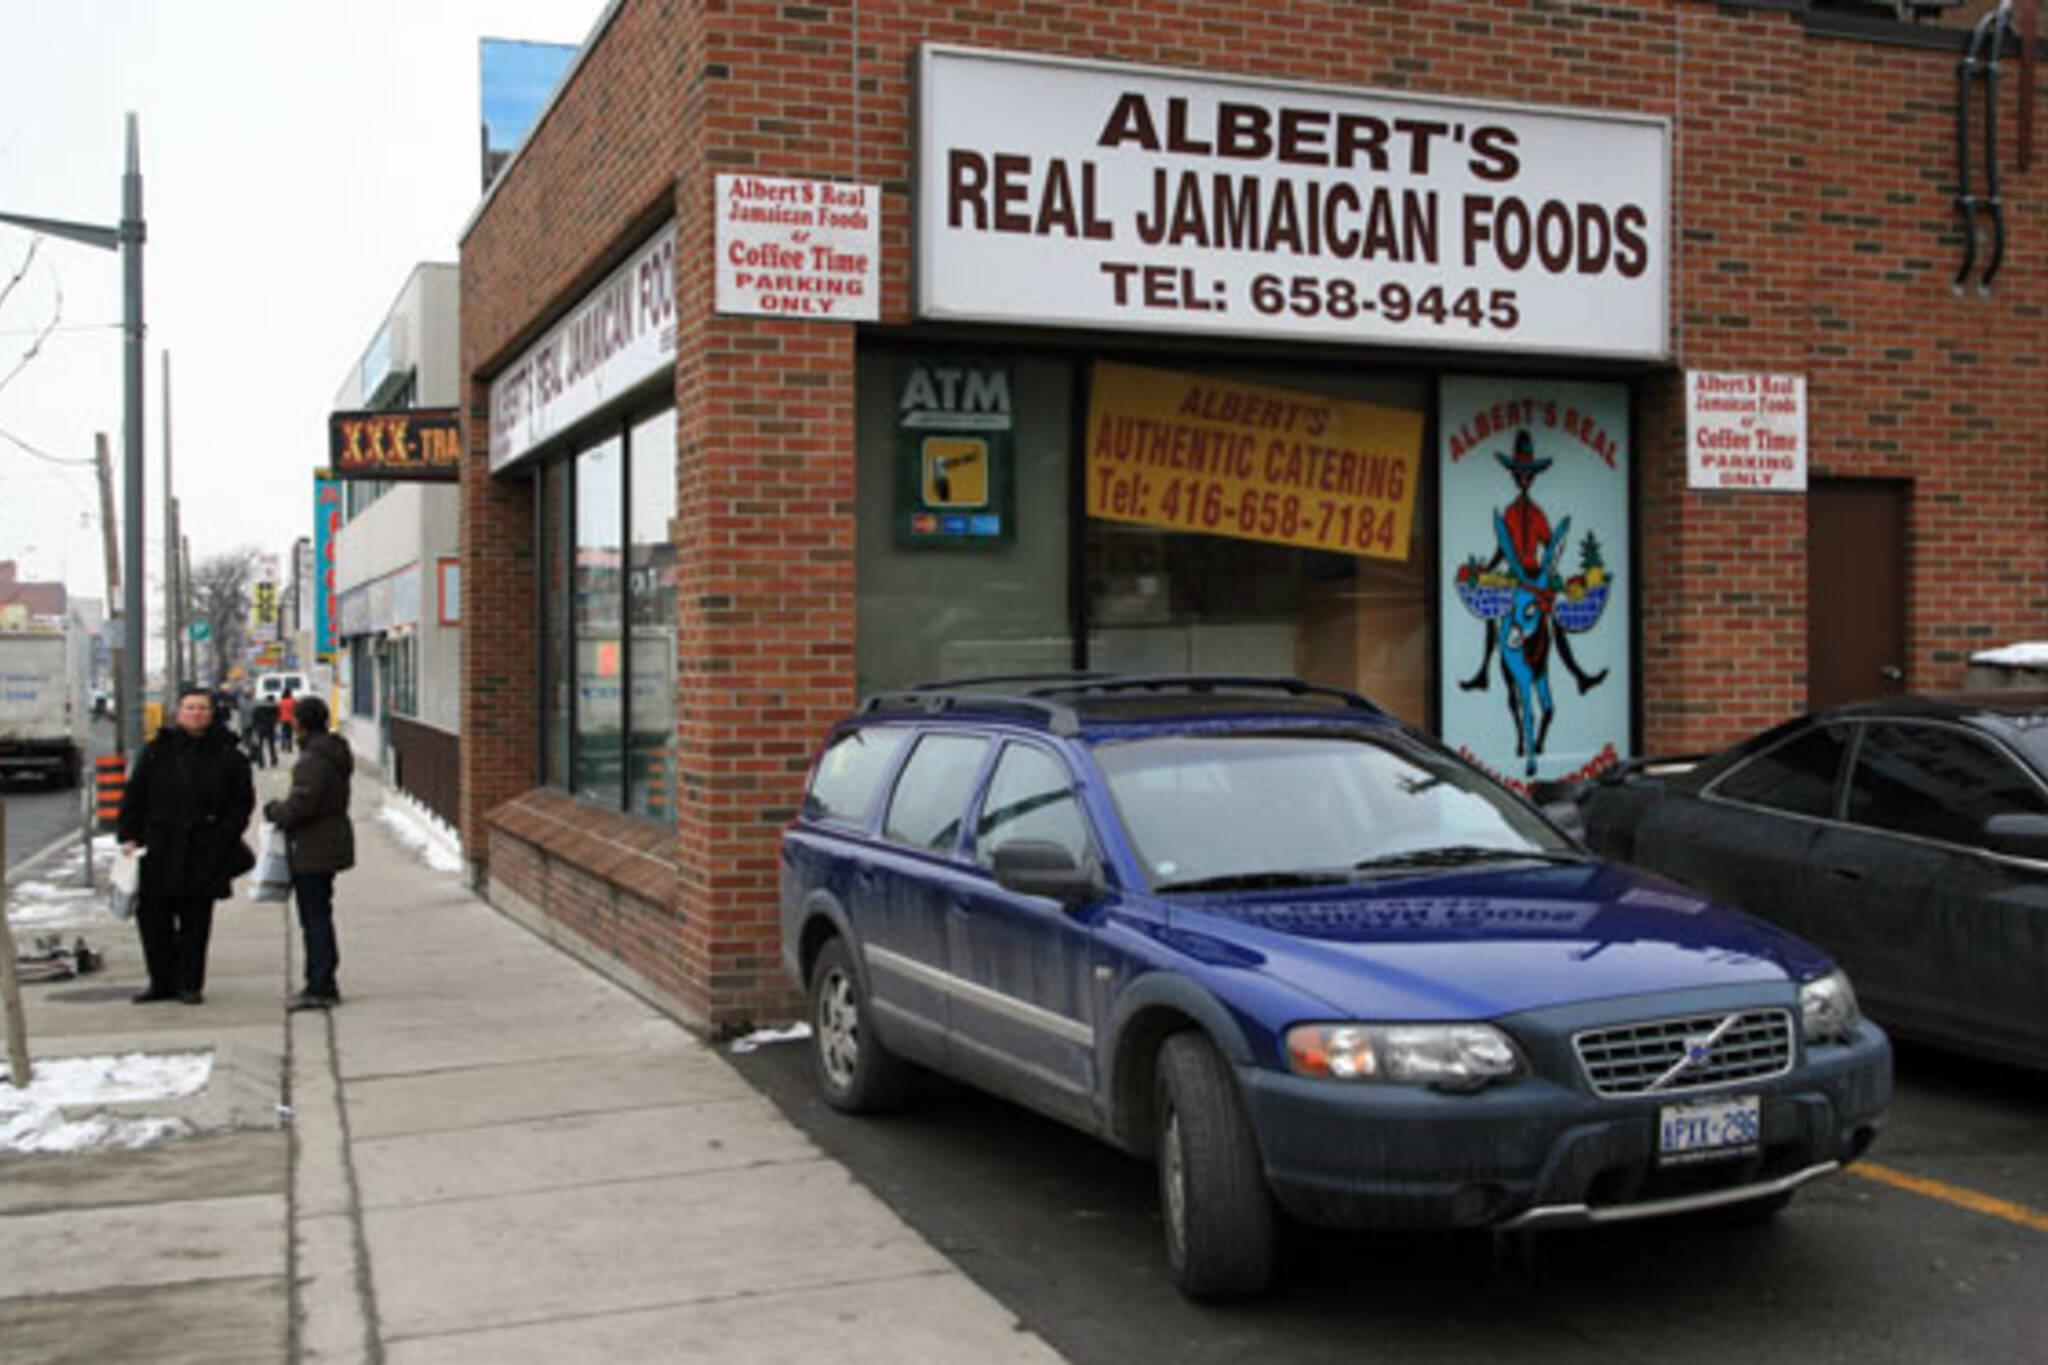 Albert's Real Jamaican